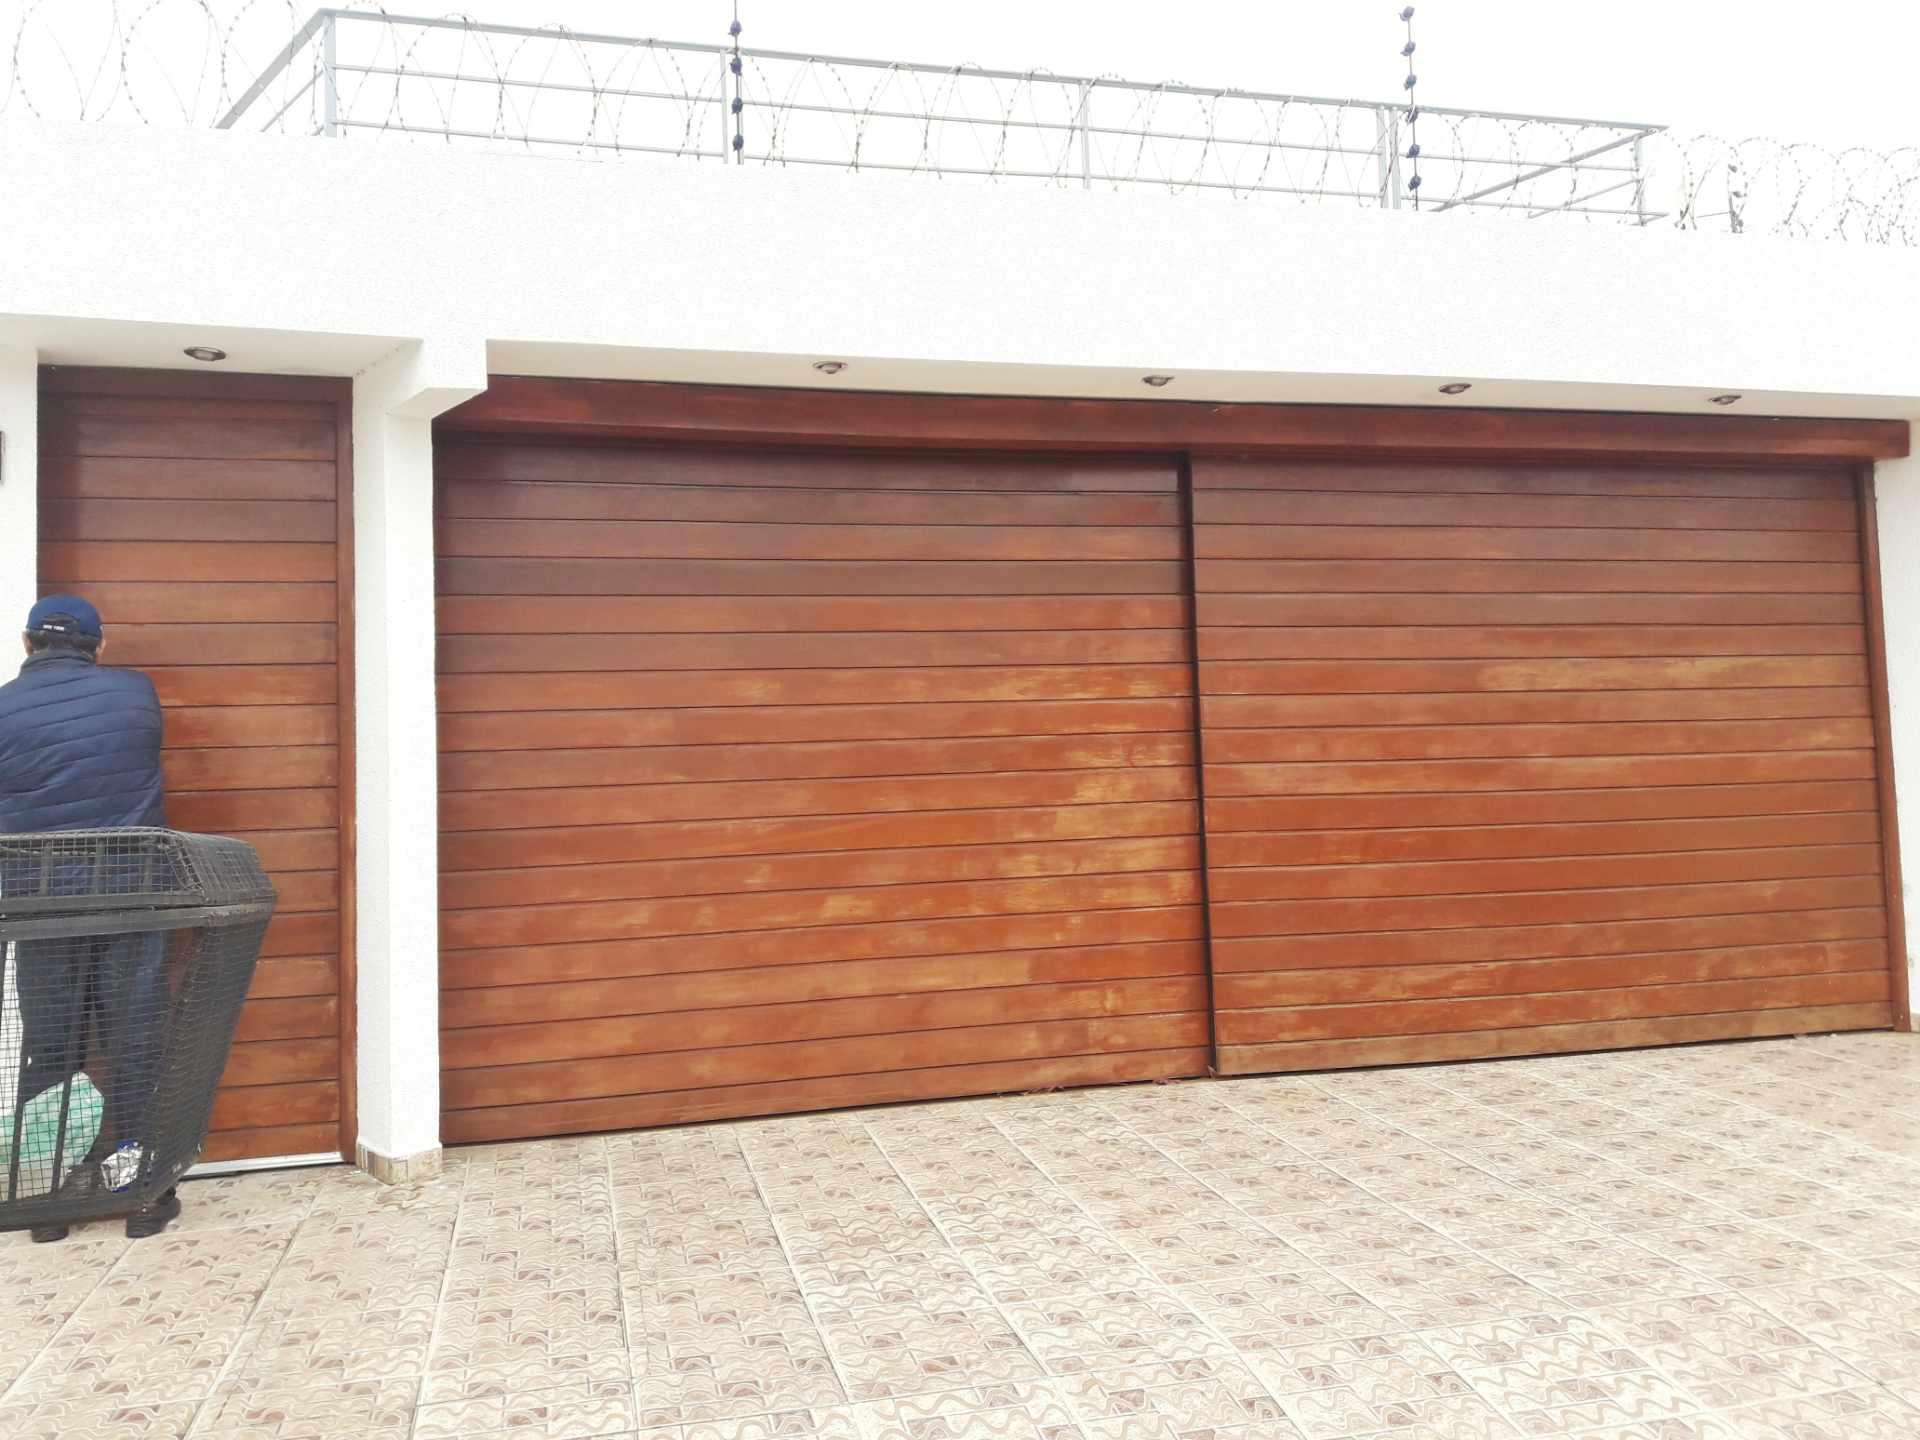 Casa en Venta Barrio Olender 3 pasos al frente entre 4to y 5to anillo Foto 1